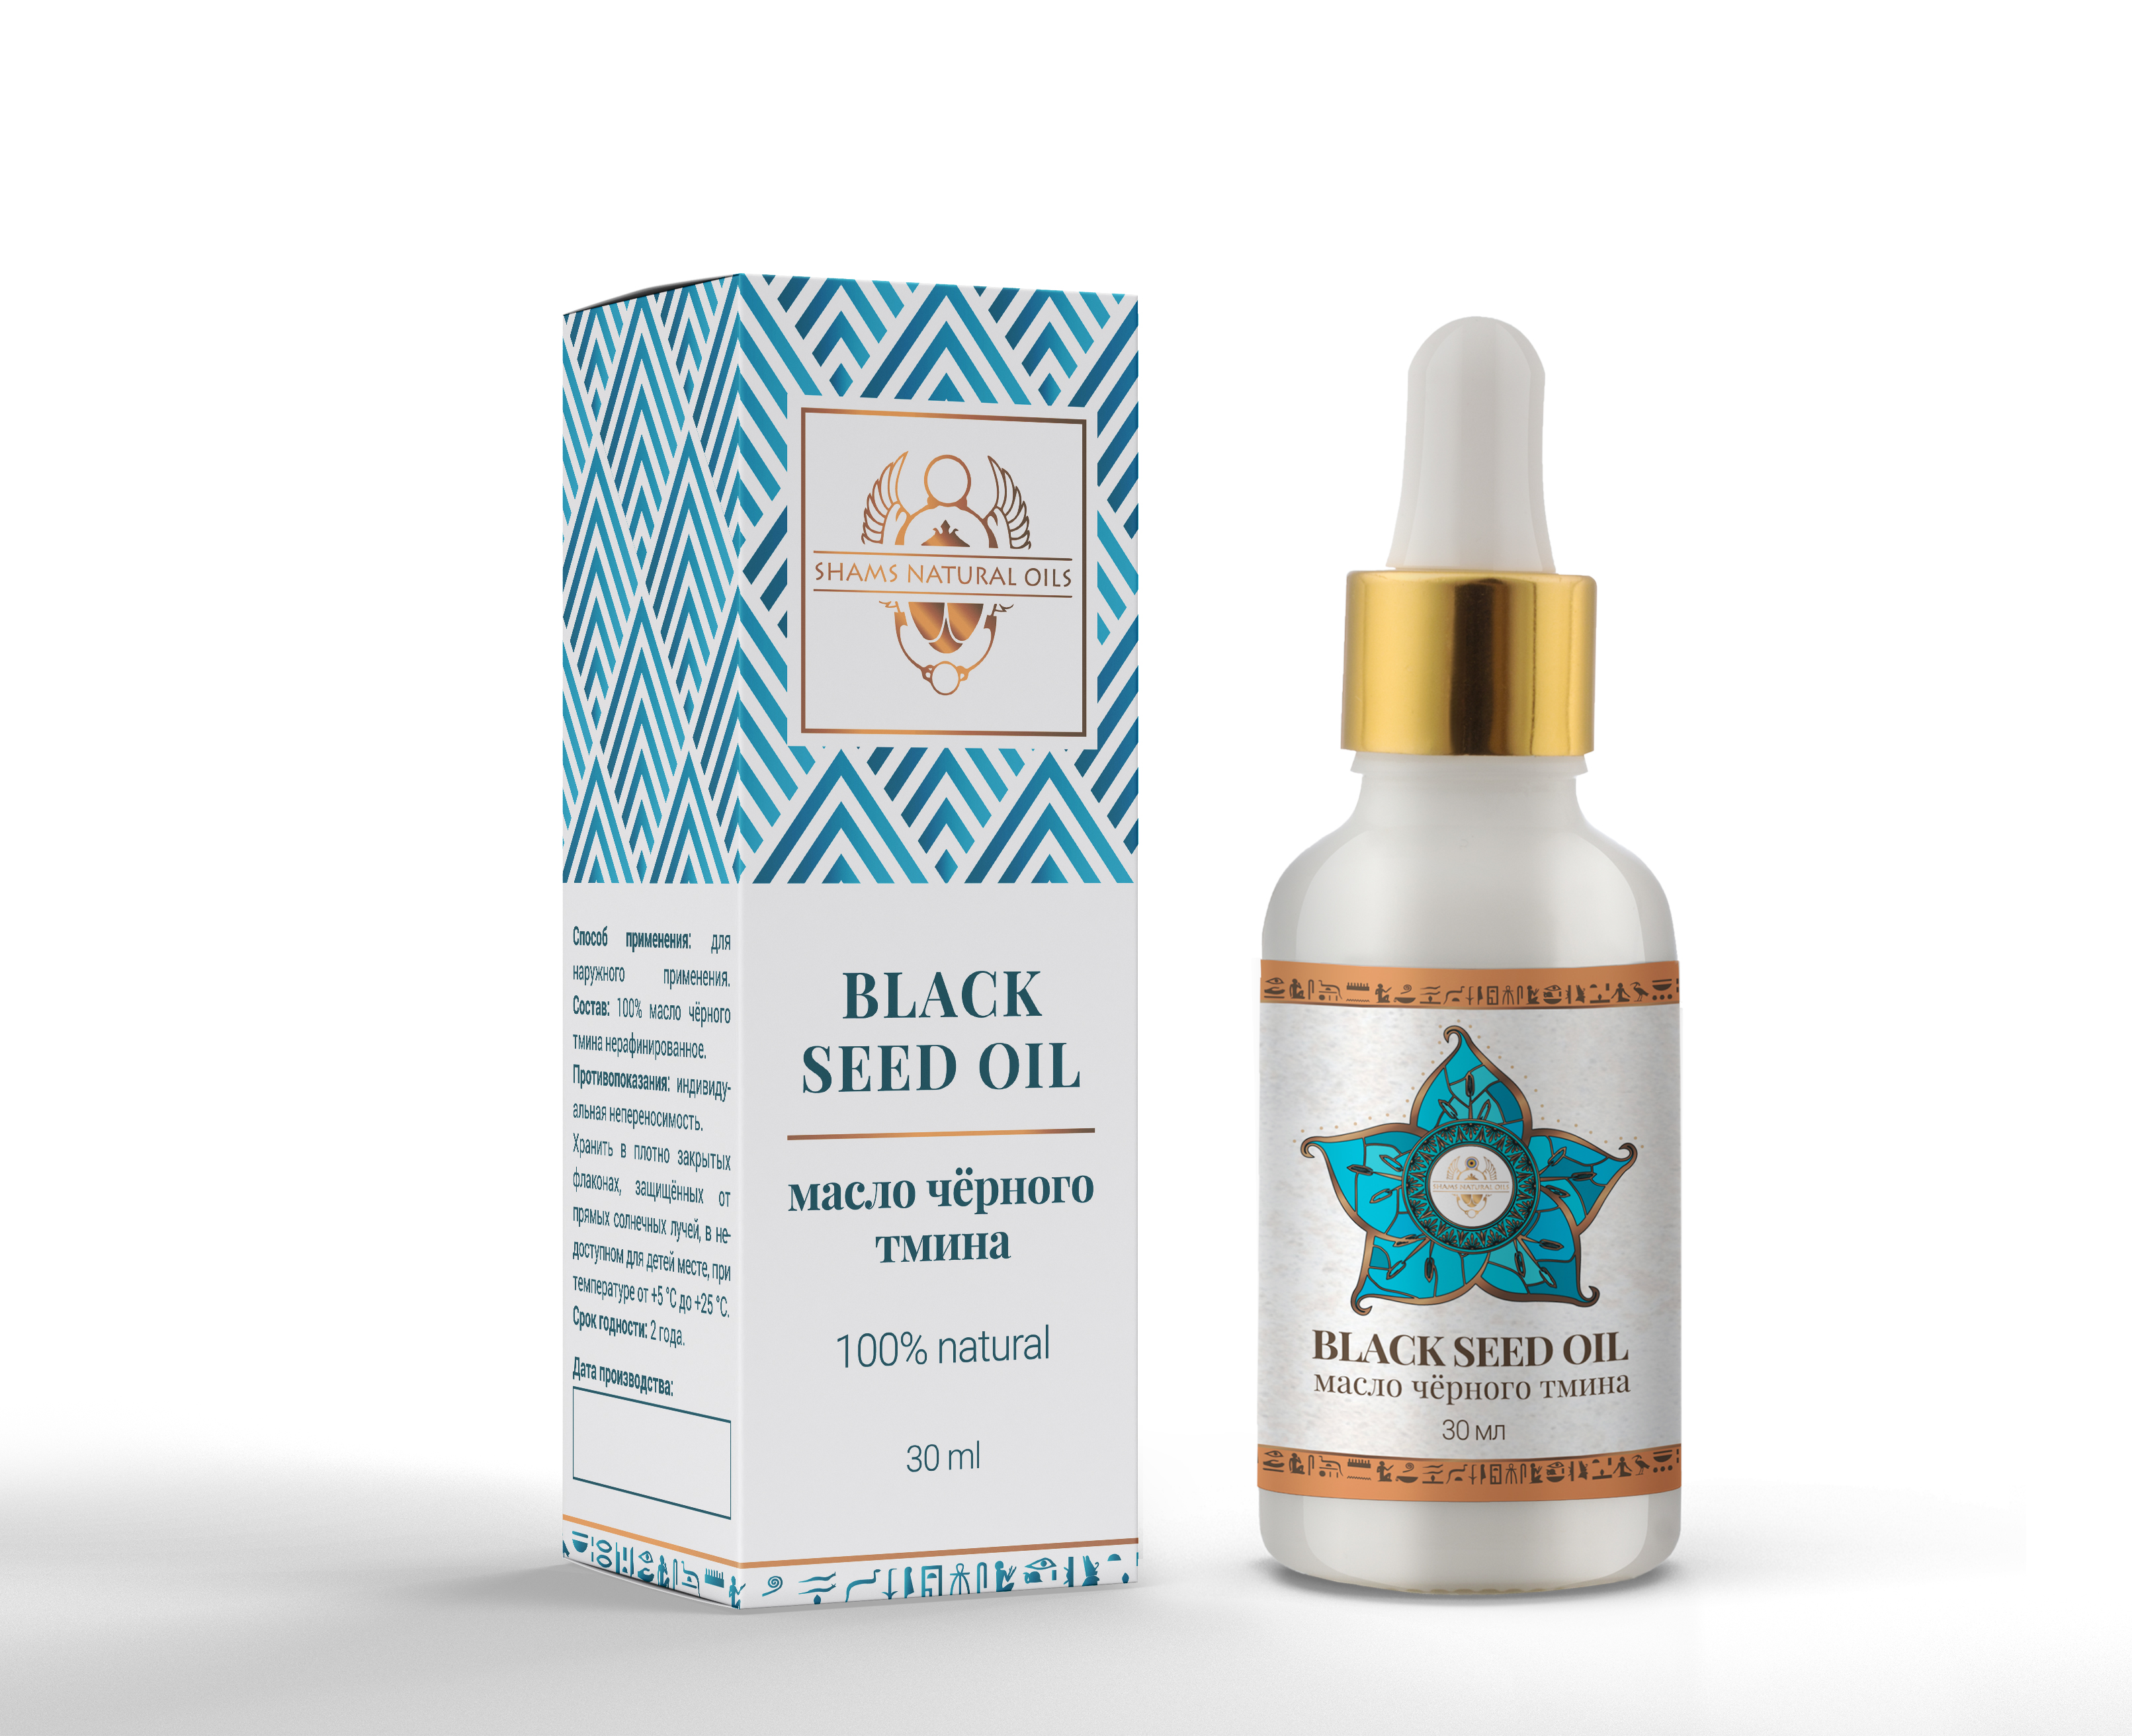 Натуральное масло черного тмина (для проблемной кожи), для лечения угревой сыпи и выпадения волос